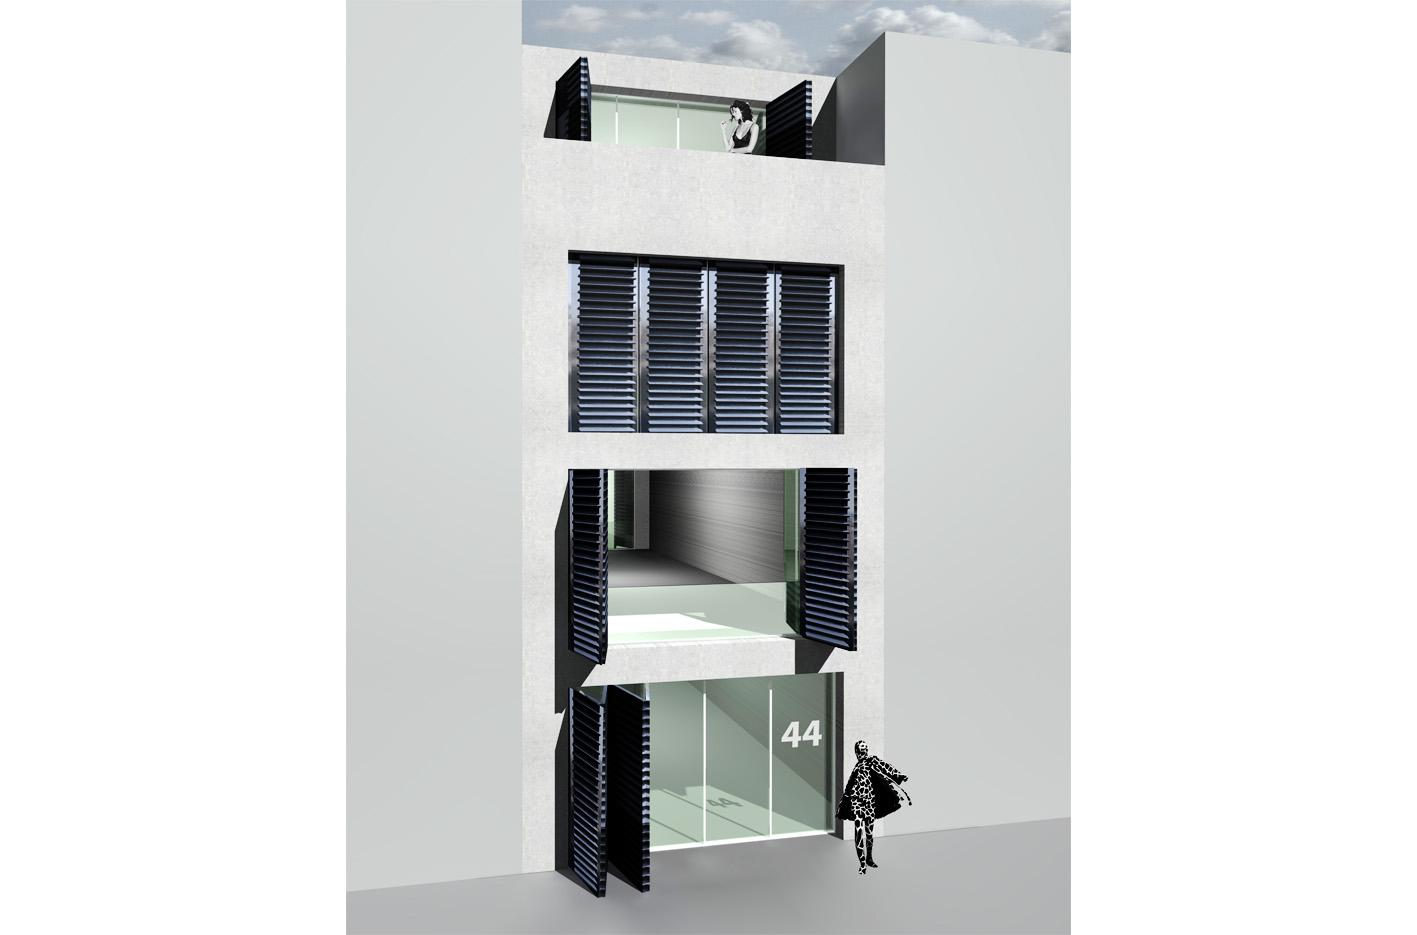 Zeeburgereiland PO zelfbouw kavel atelier PUUUR grondgebonden woning 3D impressie